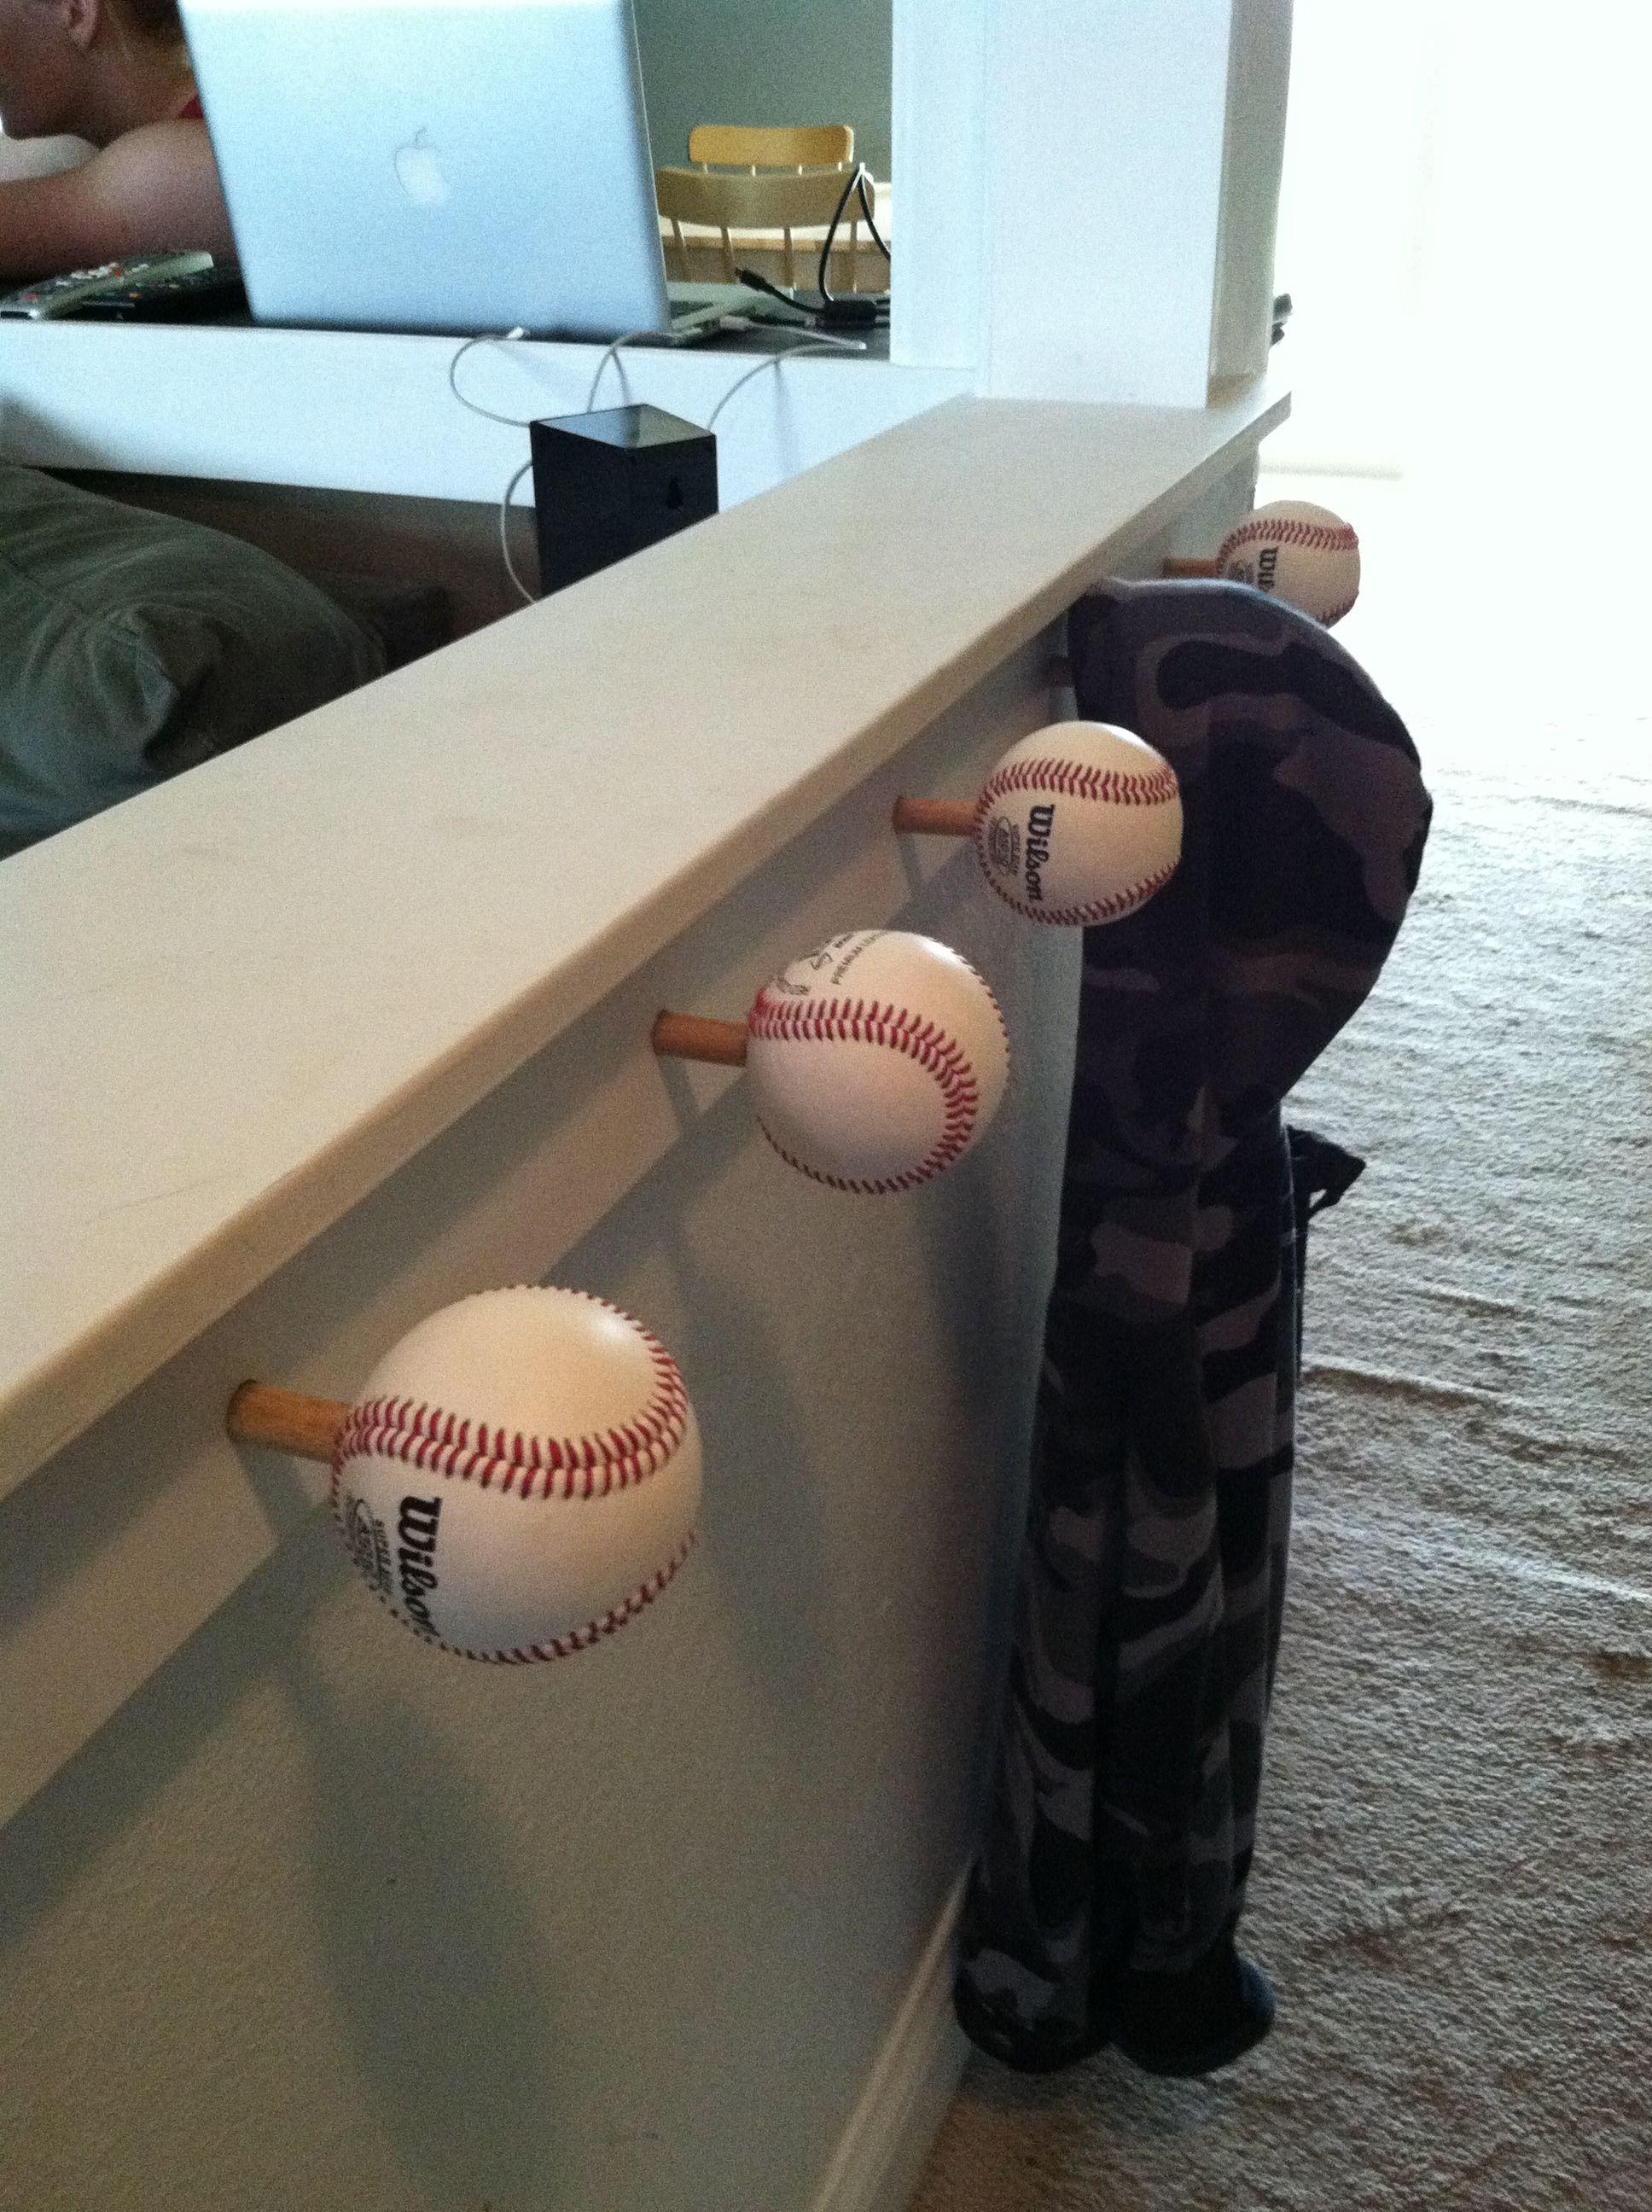 Kids baseball coat racktonya look at this for the boysu room